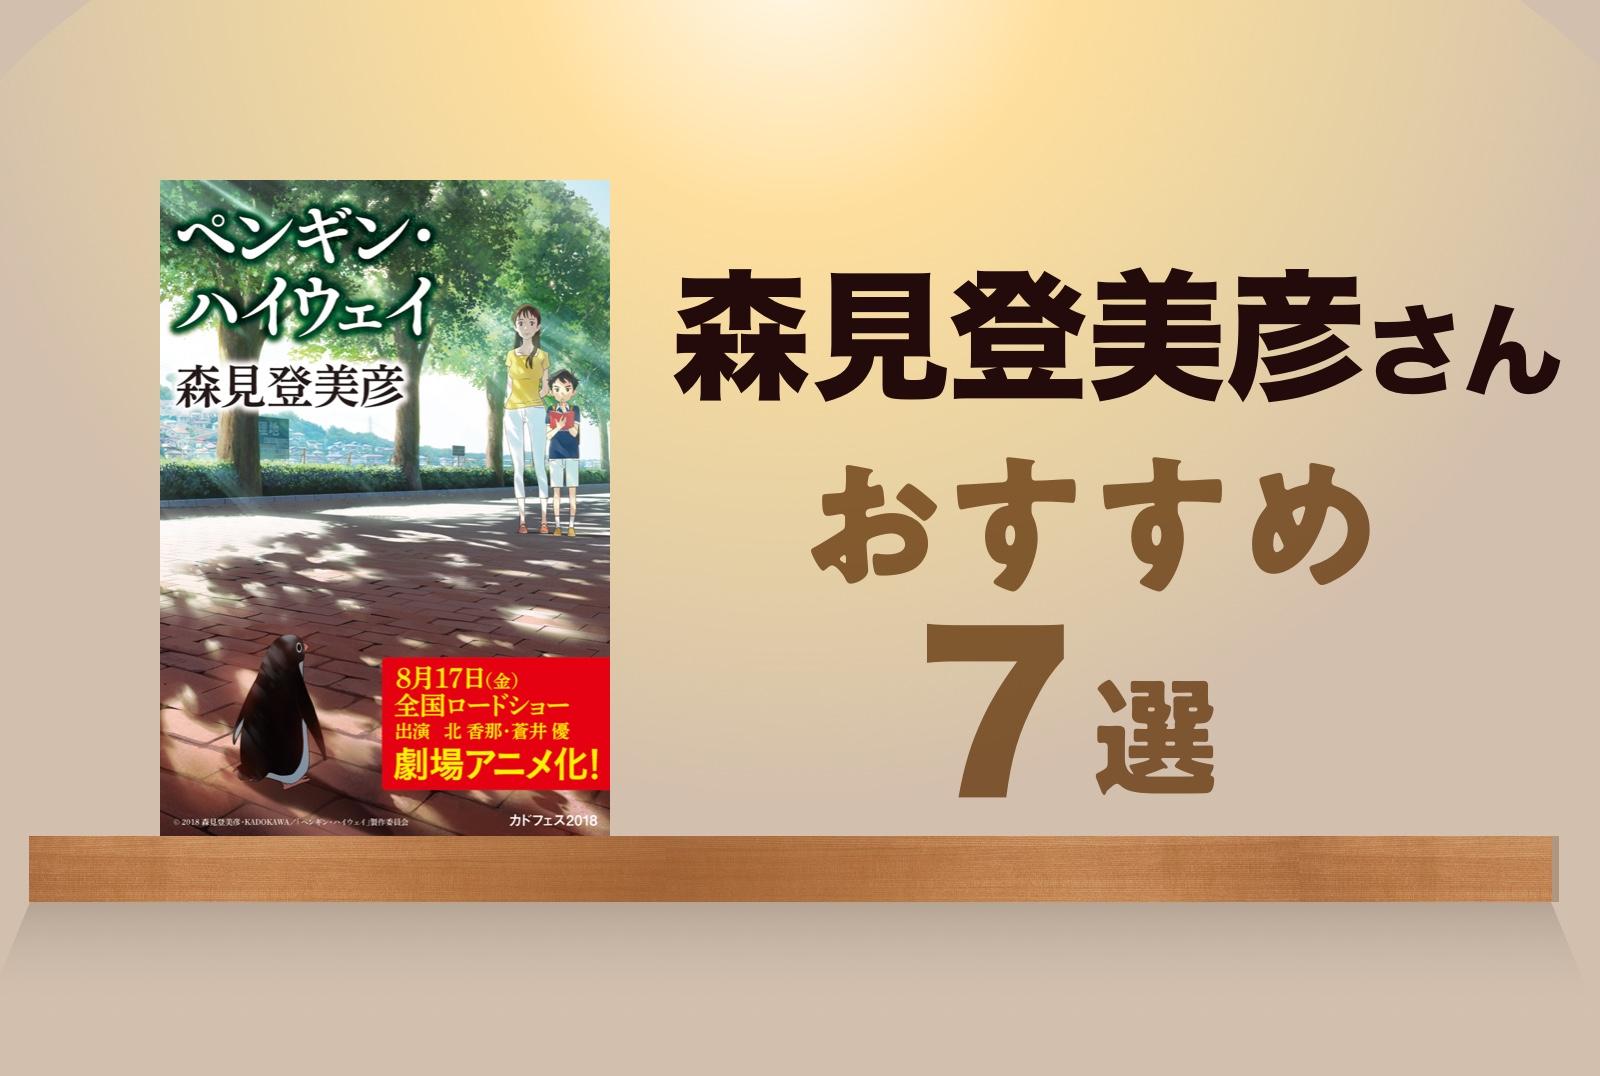 映画「ペンギン・ハイウェイ」公開記念森見登美彦おすすめ7選